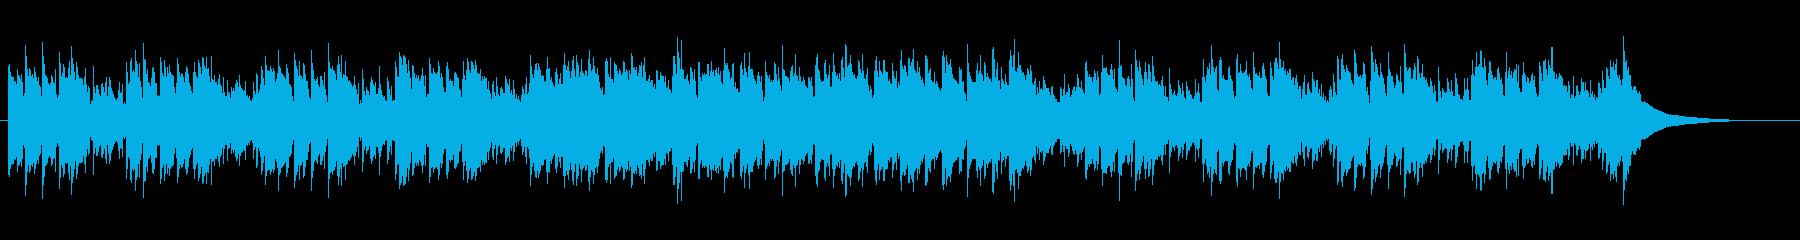 CM等に/アコギ/口笛/ピアノ/ほのぼのの再生済みの波形